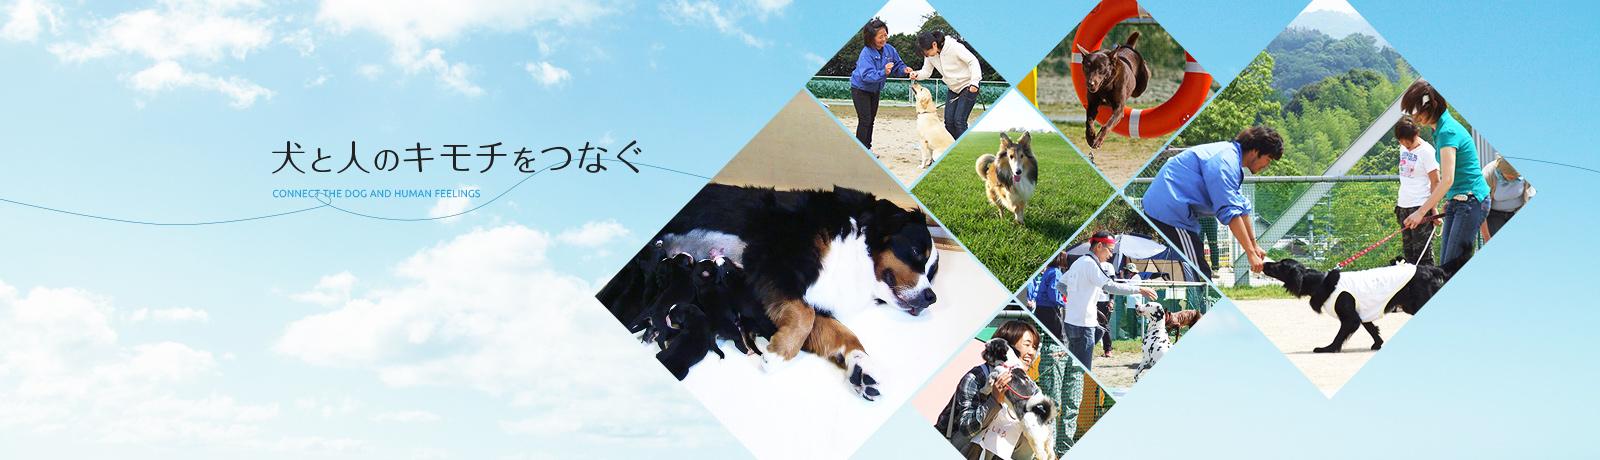 有限会社 関空ペットの獣医師募集(アルバイト・パート)画像